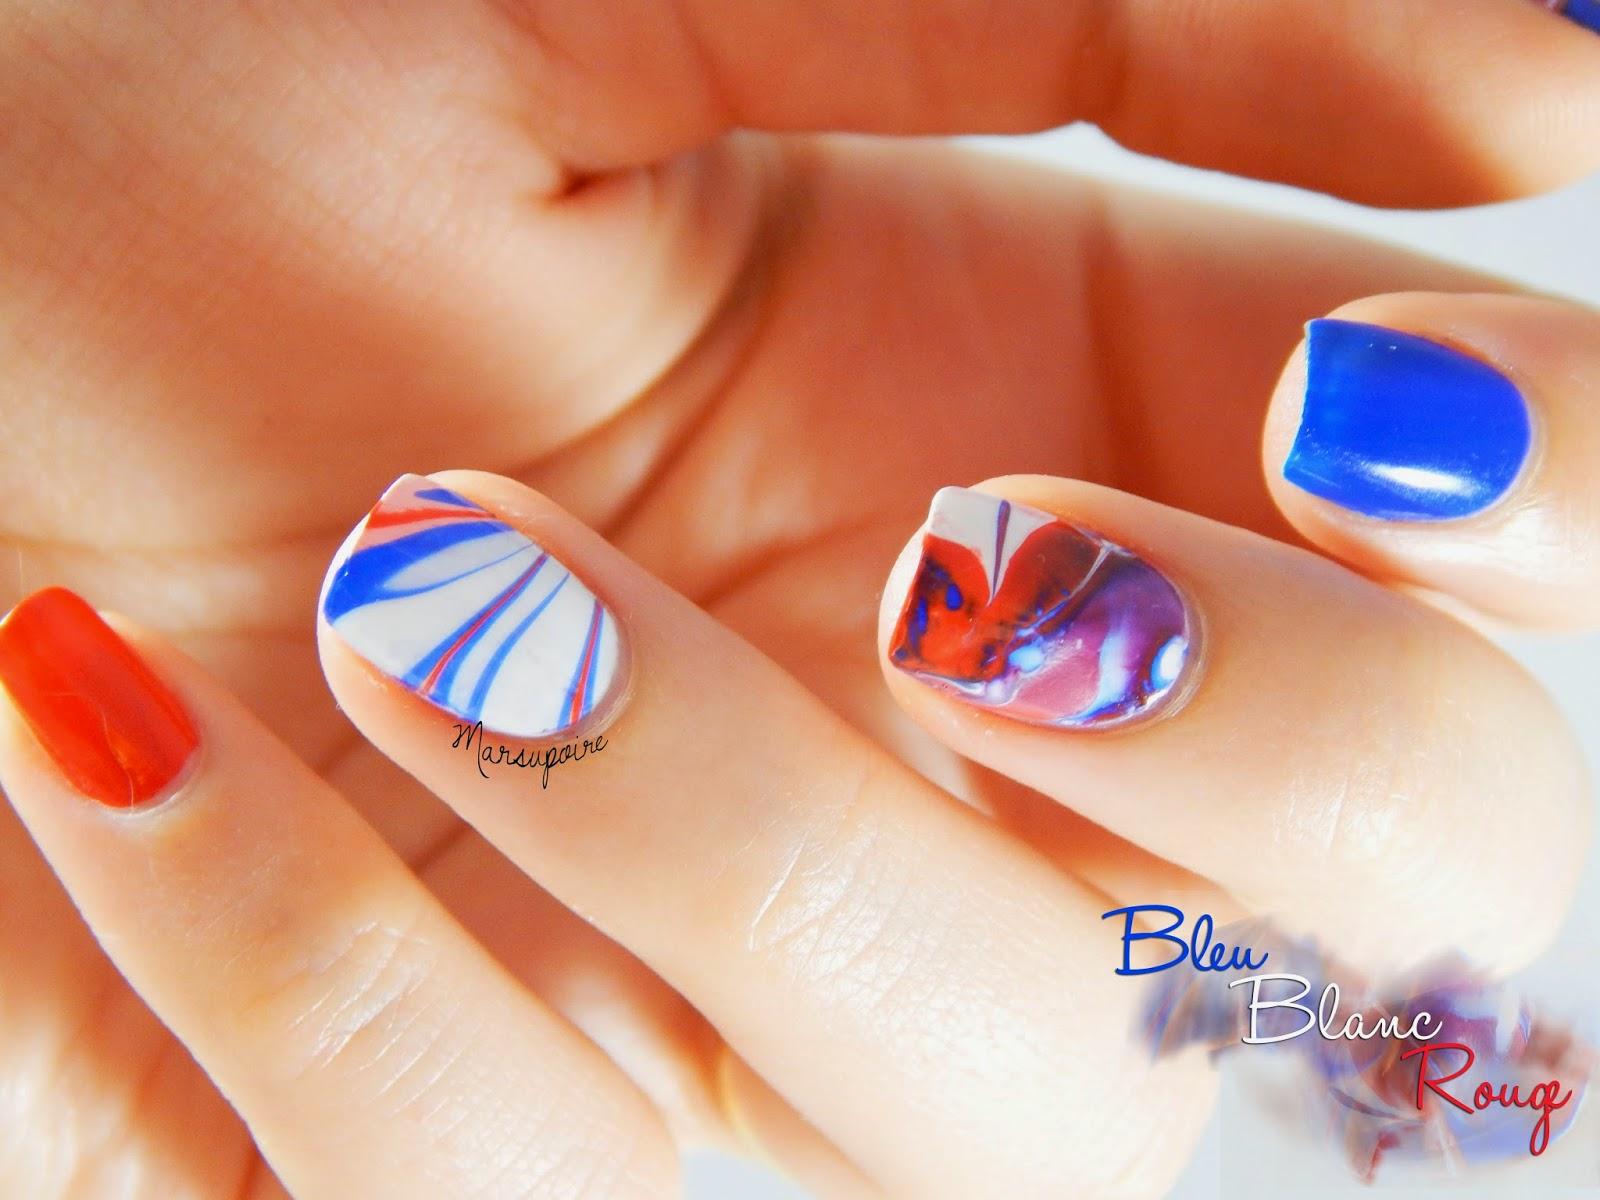 Nail art Watermarble bleu blanc rouge 5